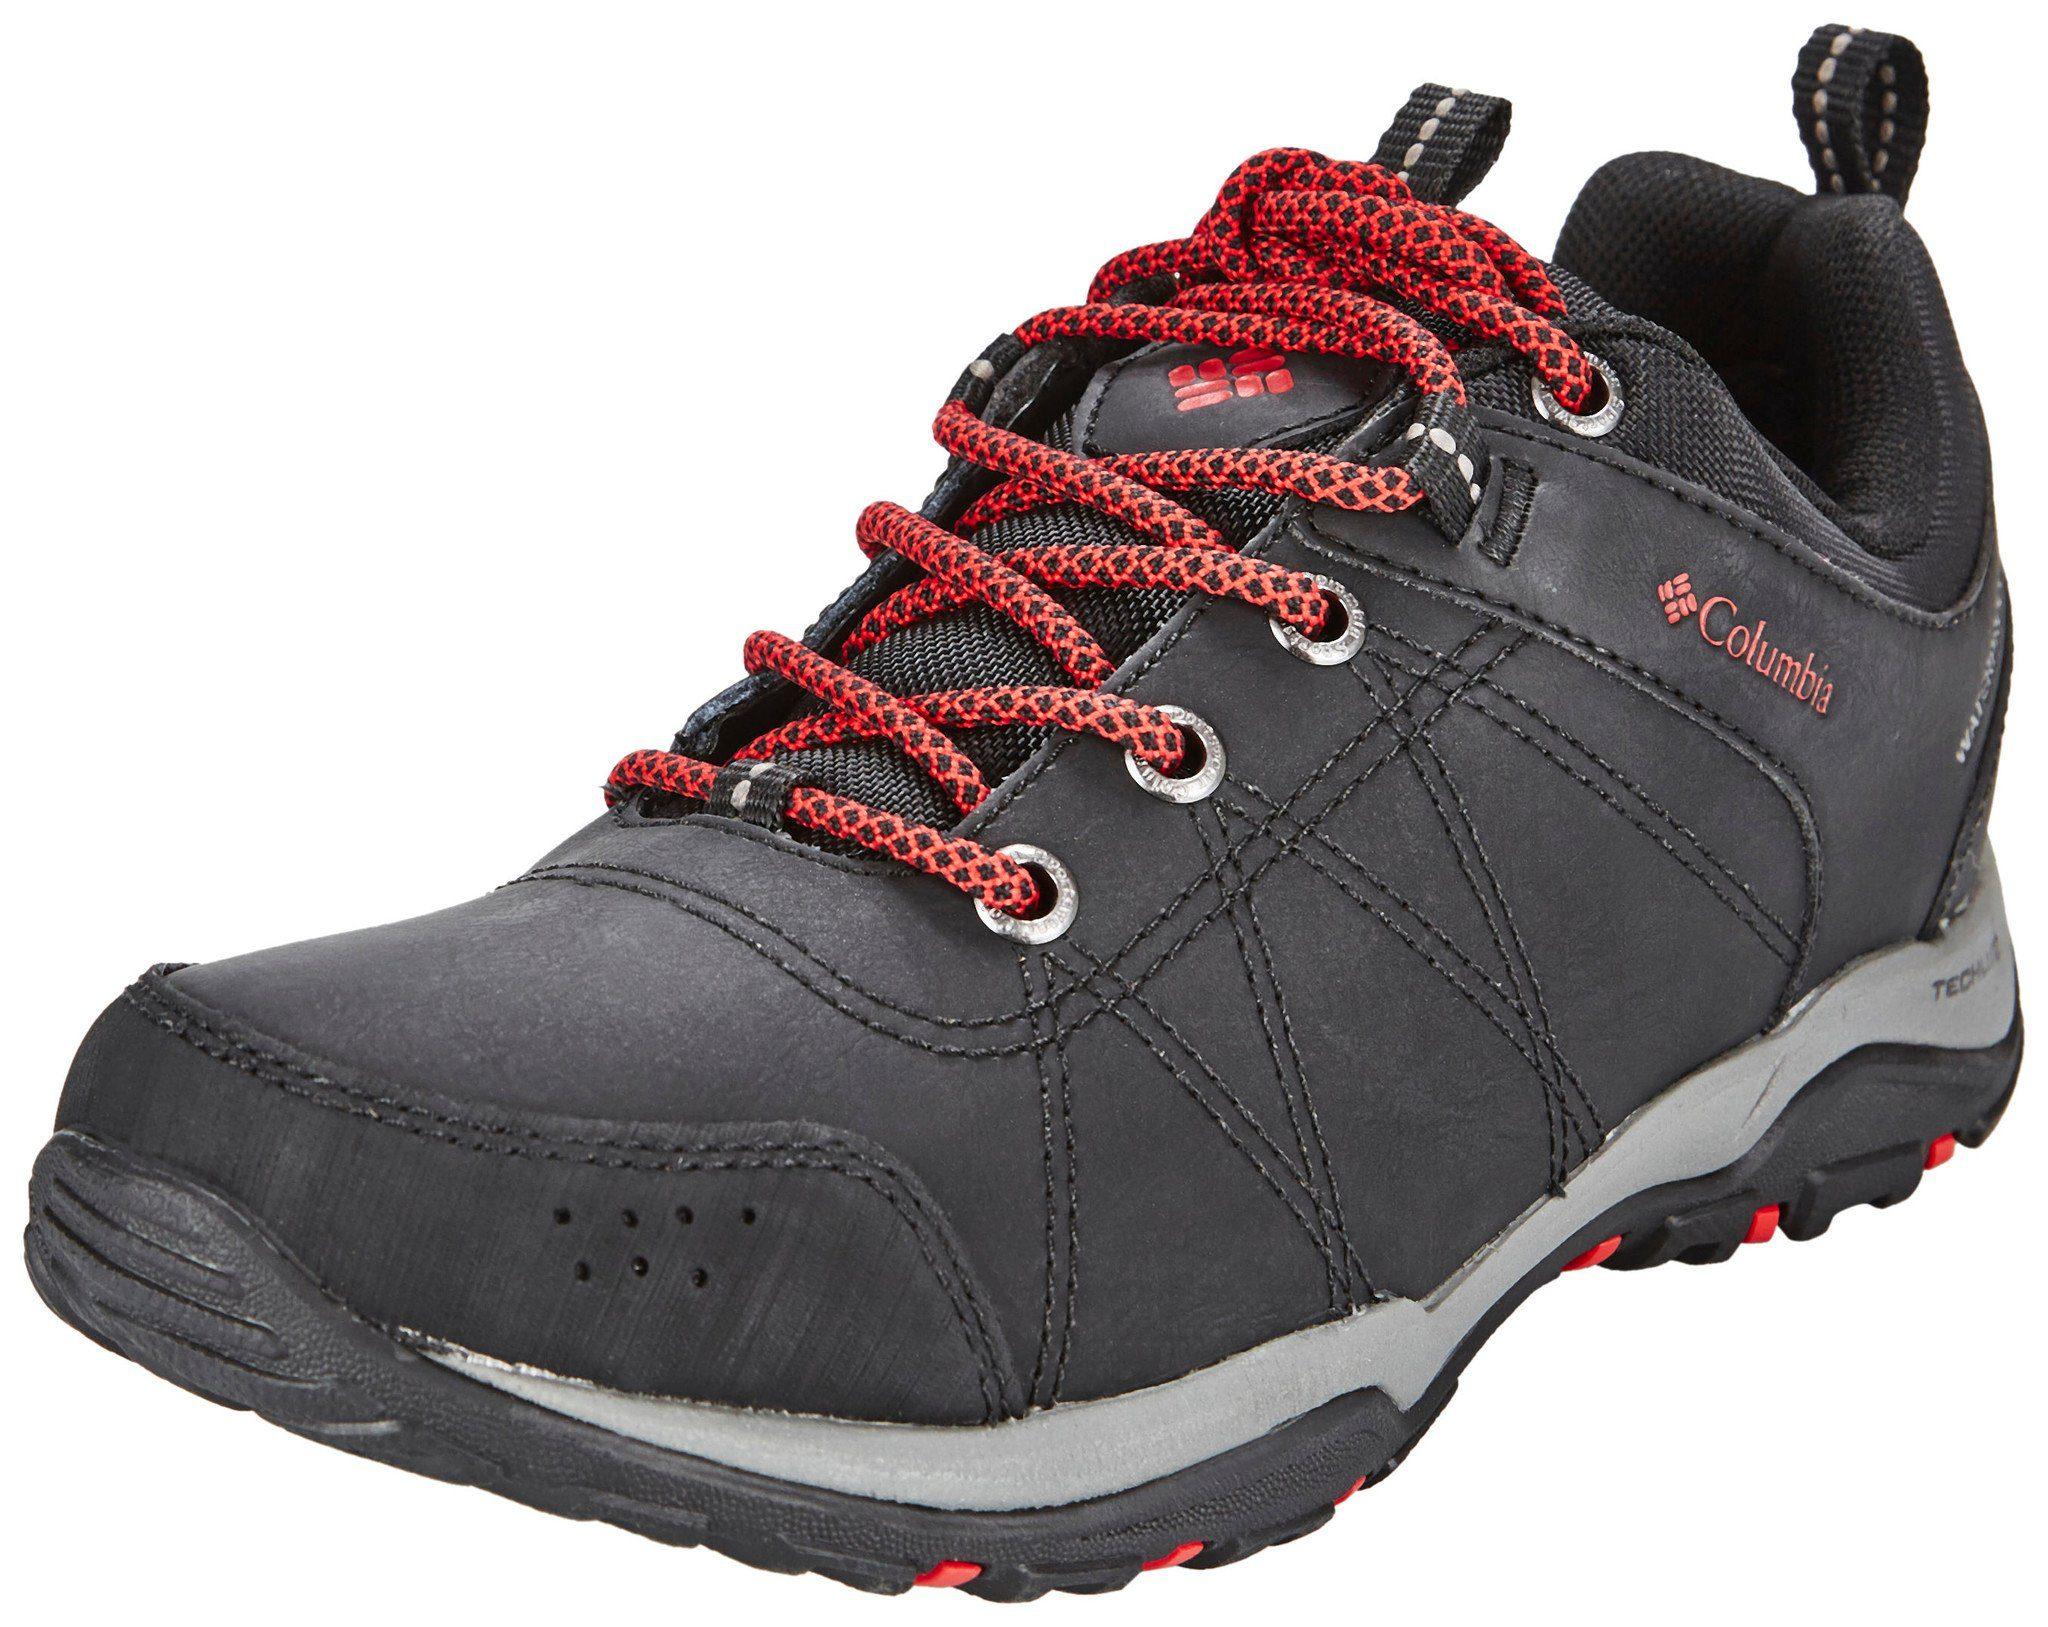 Columbia Freizeitschuh Fire Venture Shoes Women WP online kaufen  schwarz